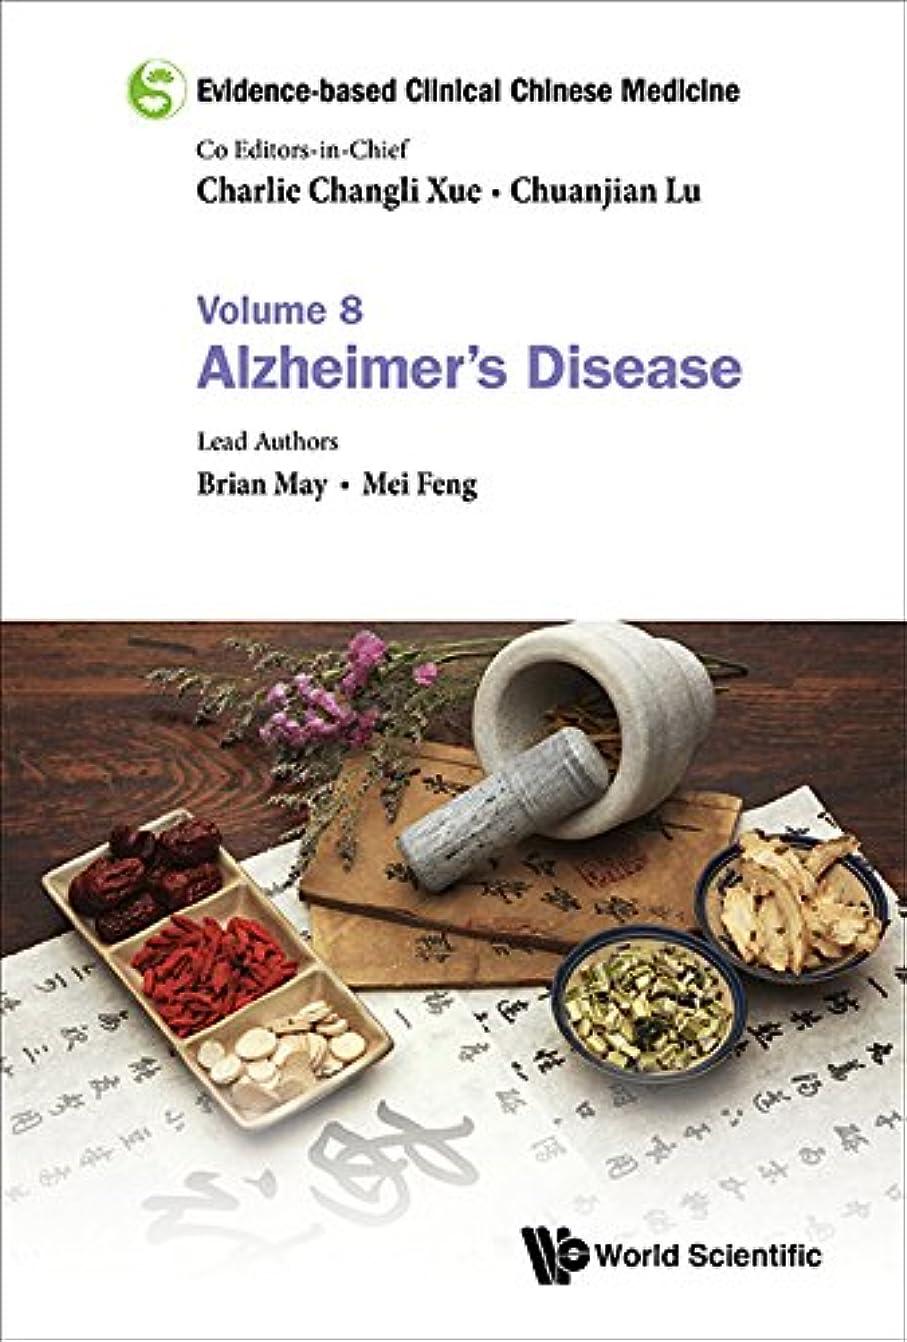 遠足襲撃修正するEvidence-based Clinical Chinese Medicine:Volume 8: Alzheimer's Disease (English Edition)